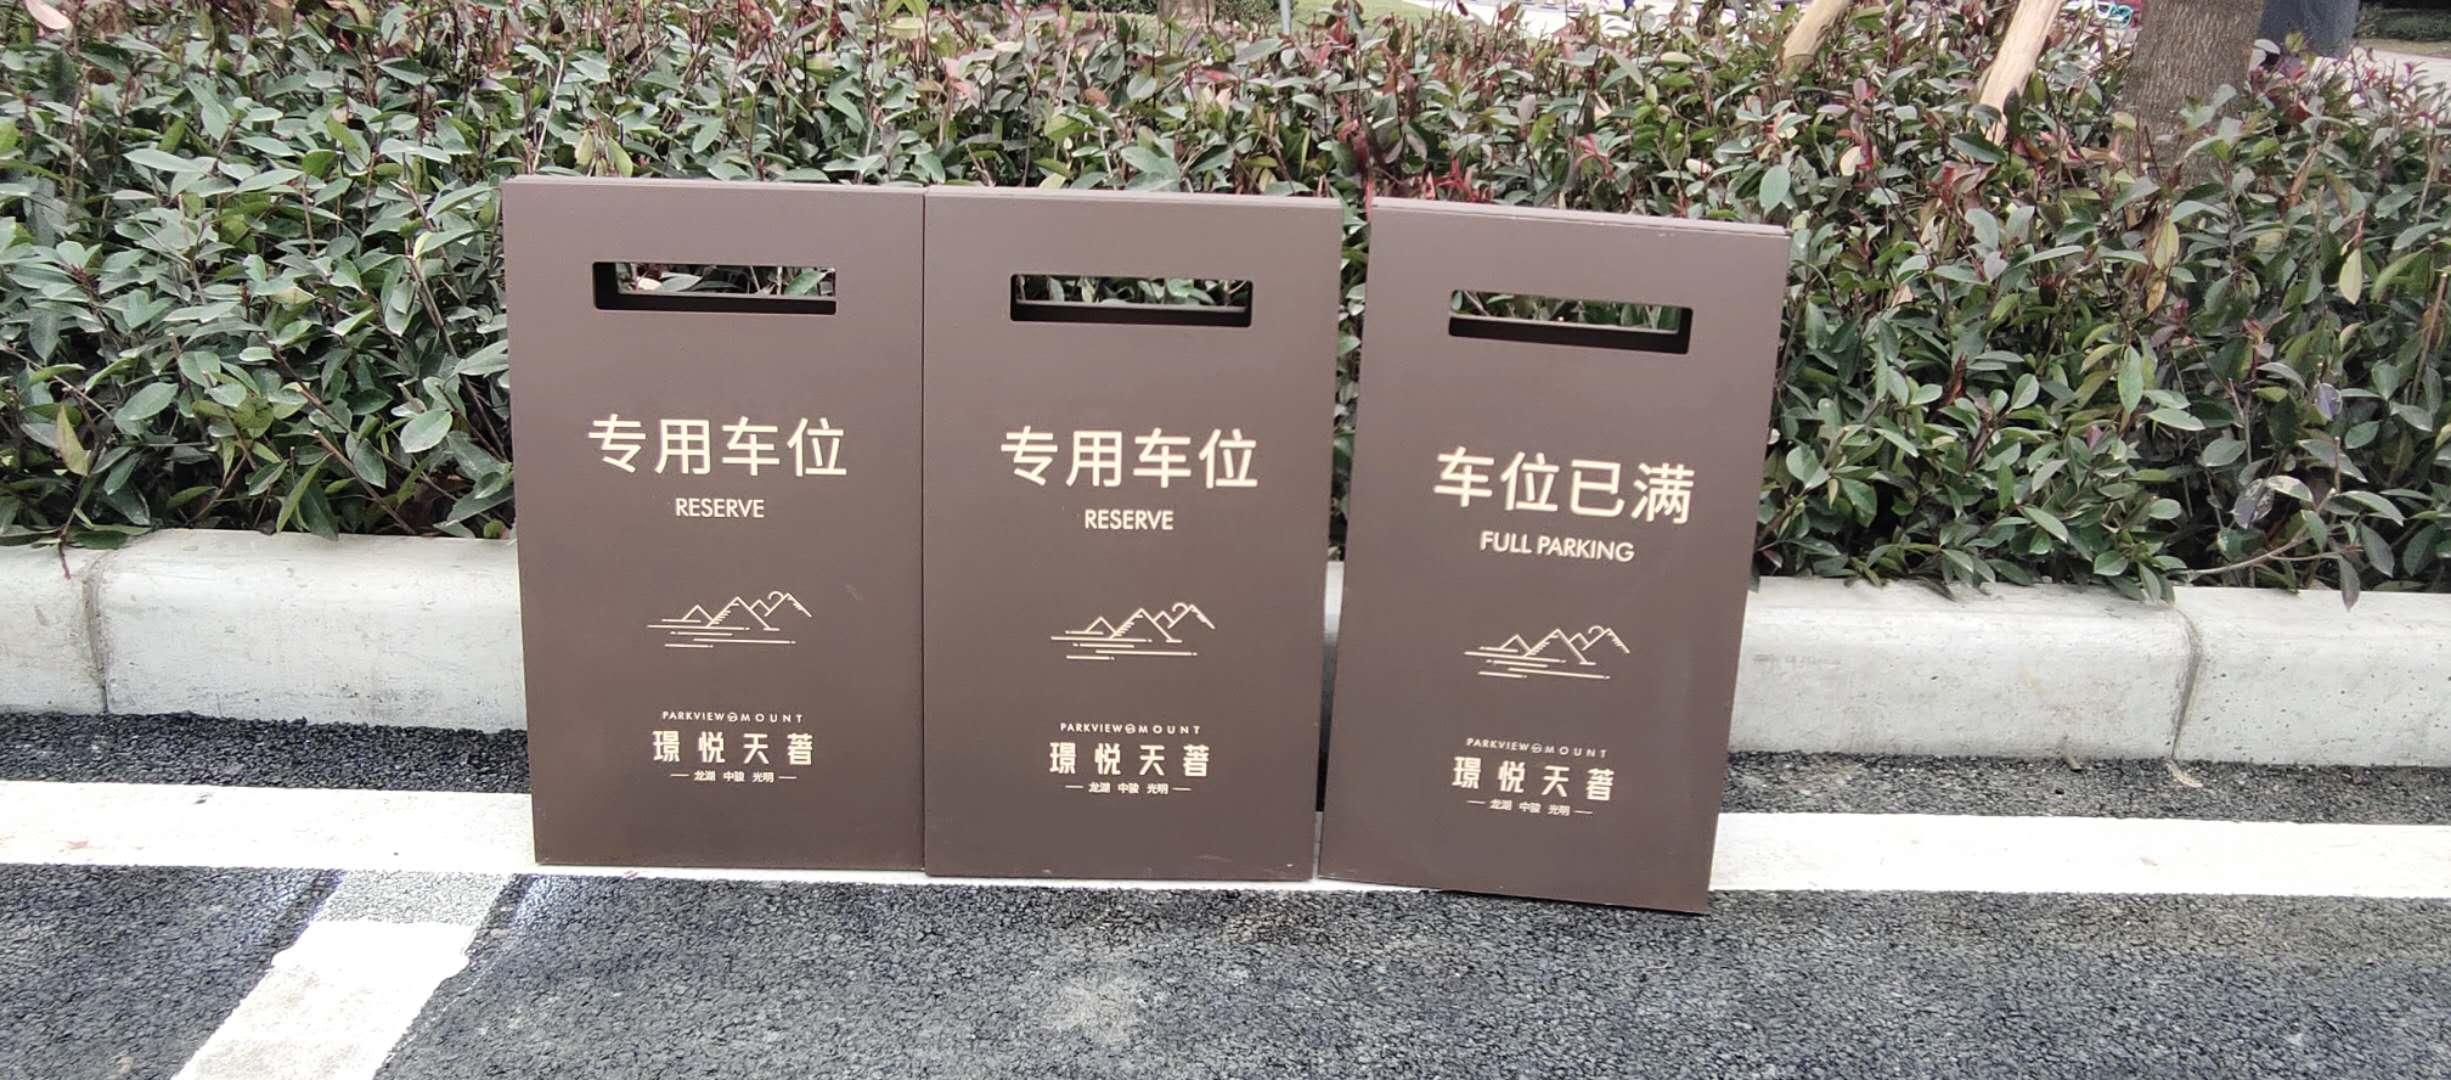 四川標識係統設計